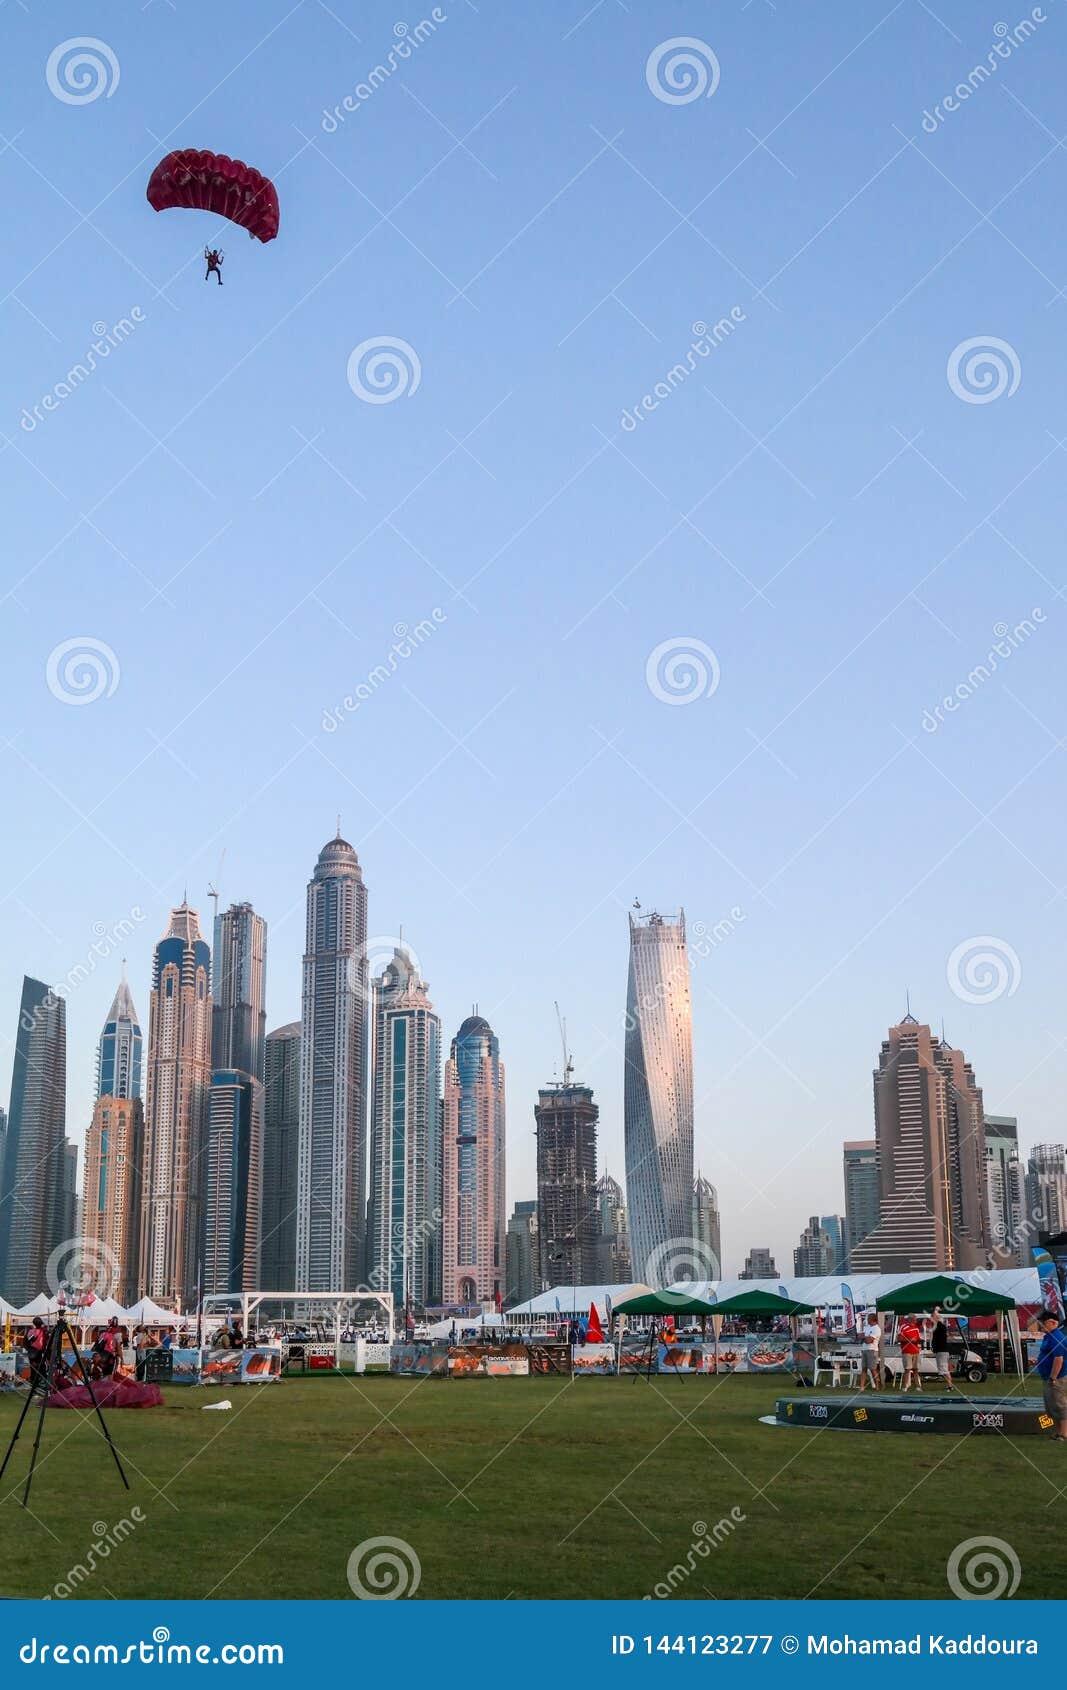 迪拜跳伞市的乐趣和水活动性,在迪拜小游艇船坞的旅游景点